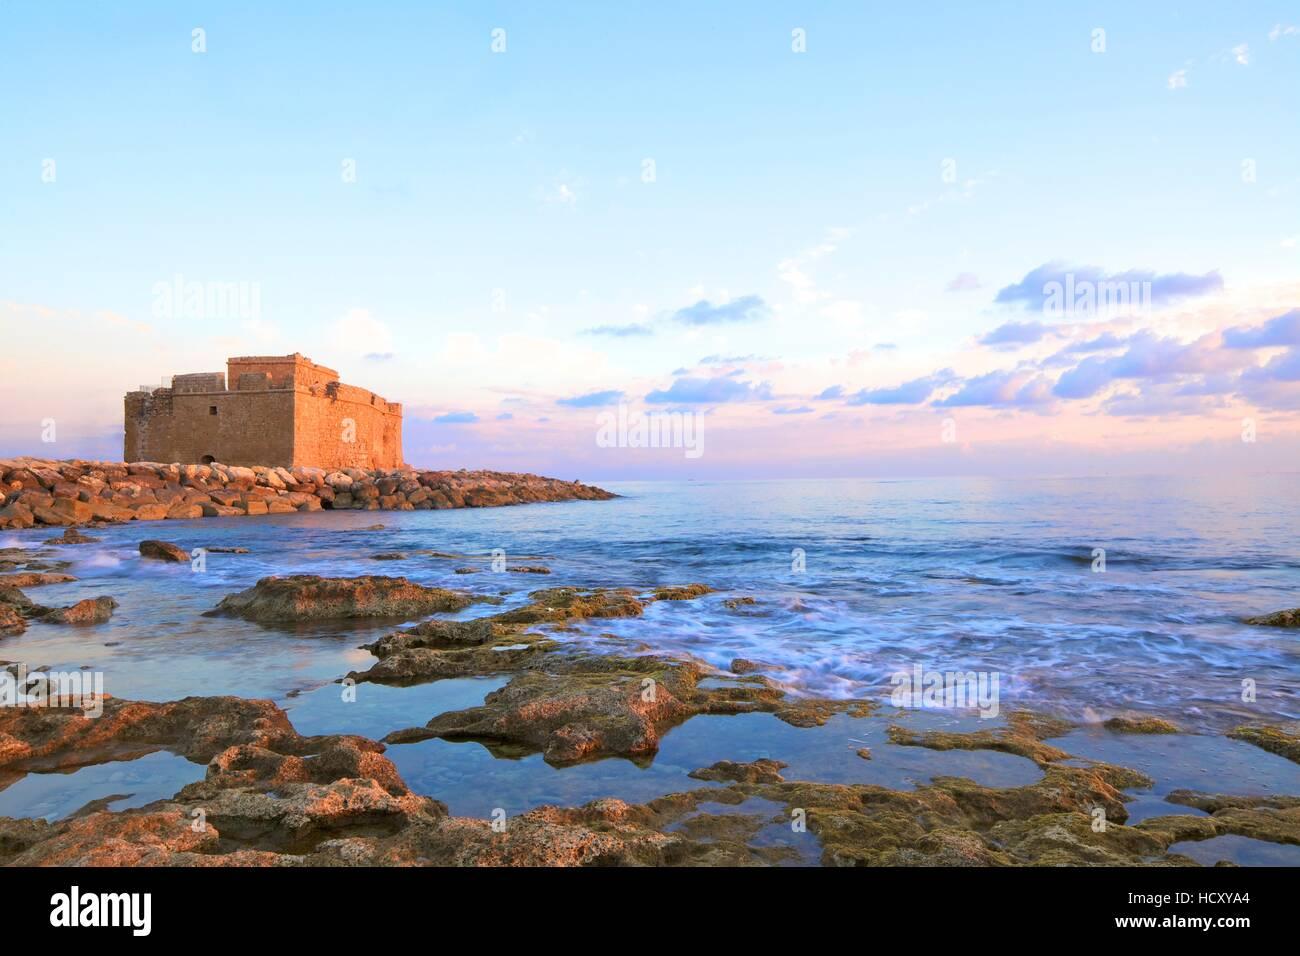 Le château de Paphos, Paphos, Chypre, Méditerranée orientale Photo Stock